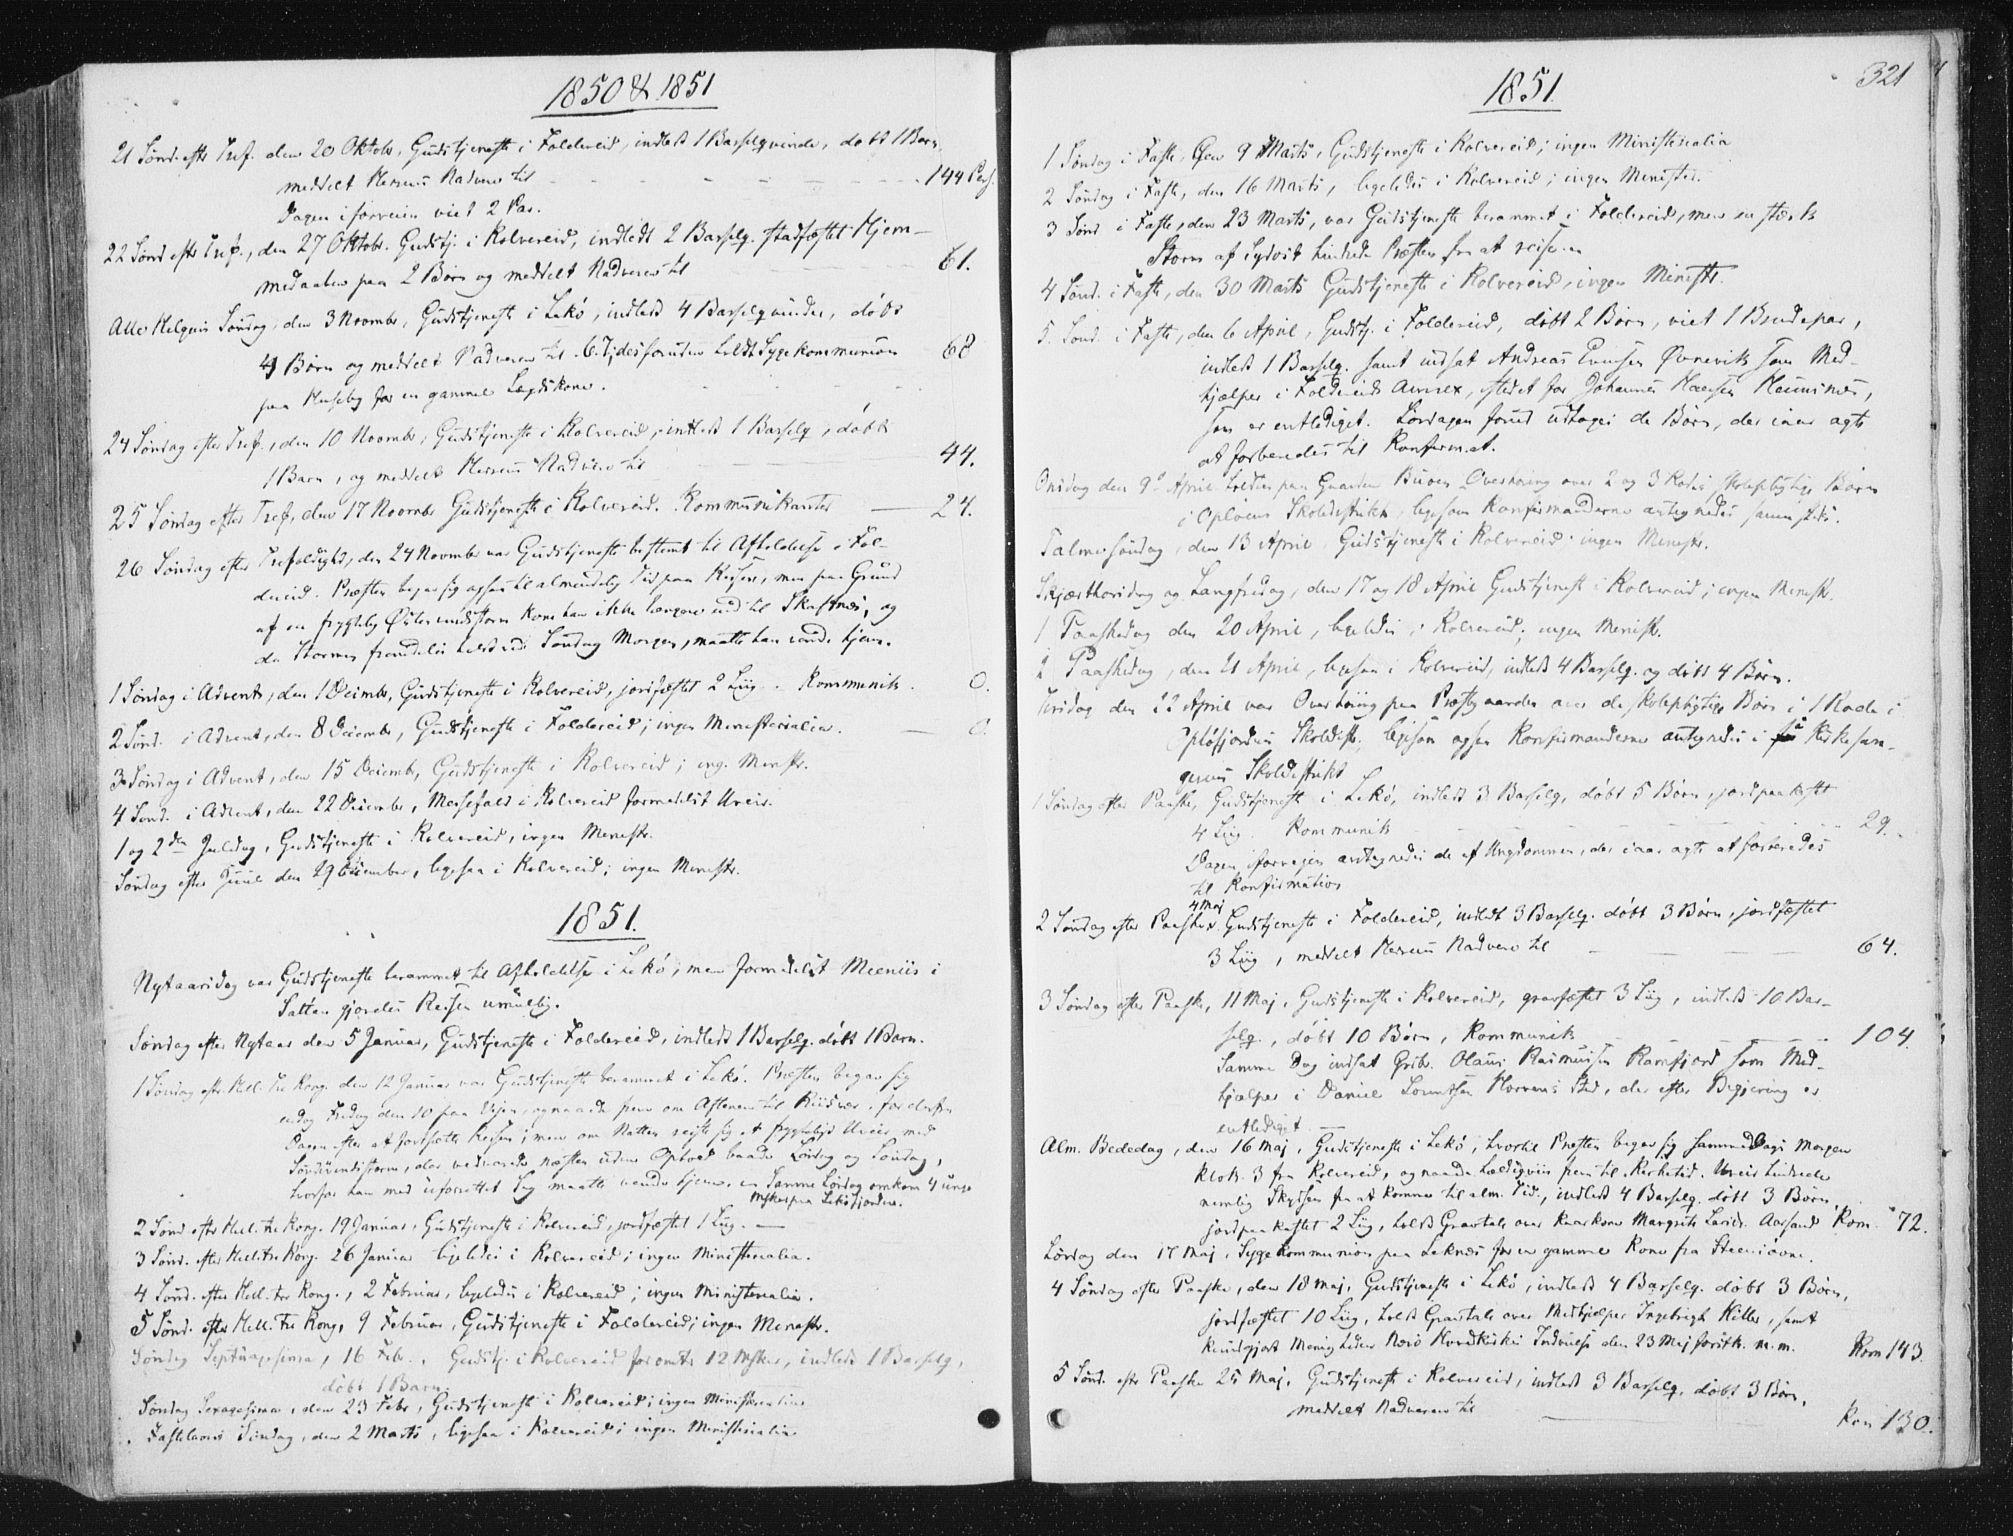 SAT, Ministerialprotokoller, klokkerbøker og fødselsregistre - Nord-Trøndelag, 780/L0640: Ministerialbok nr. 780A05, 1845-1856, s. 321